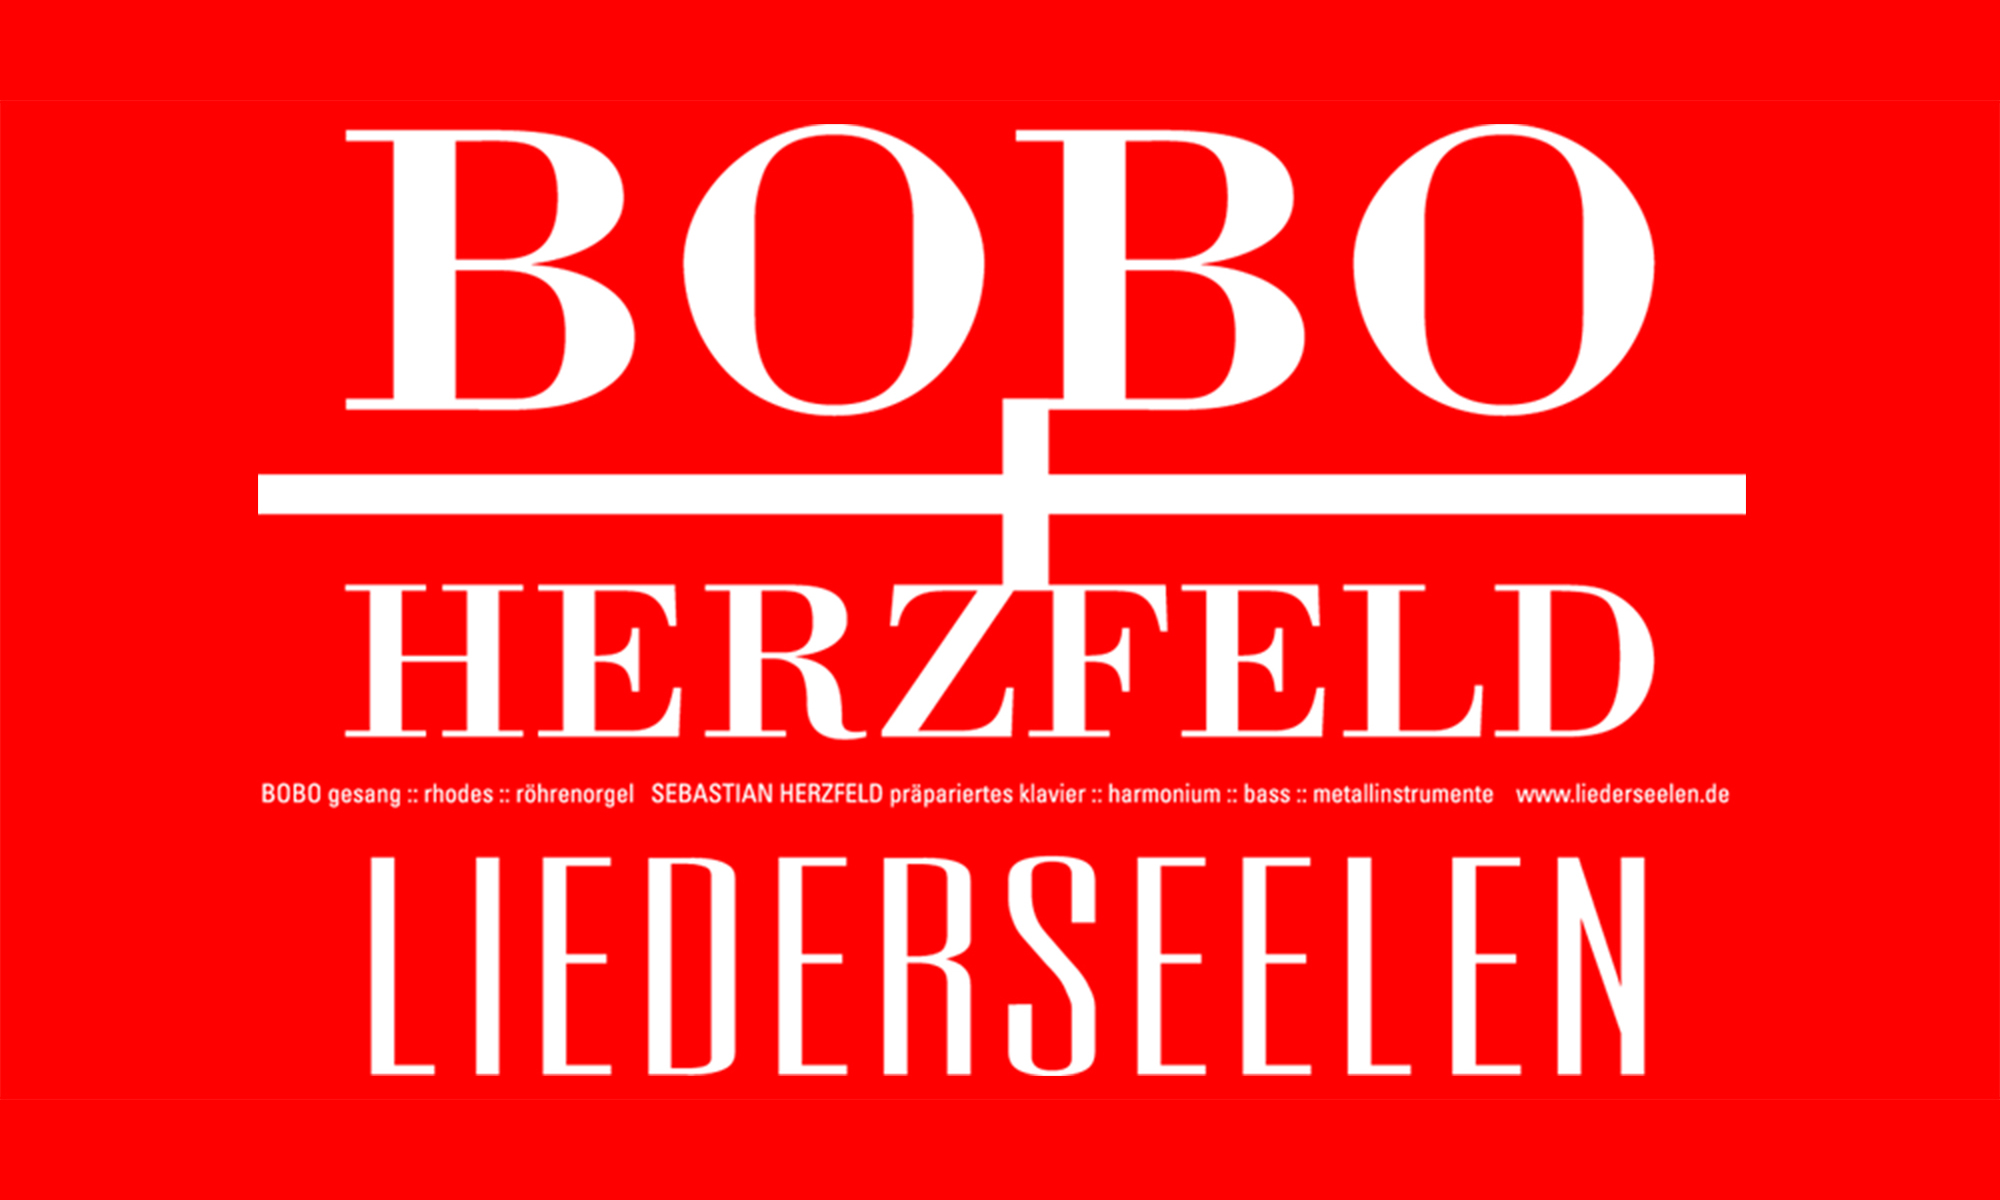 BOBO_HERZFELD_LOGO_WEB_V2